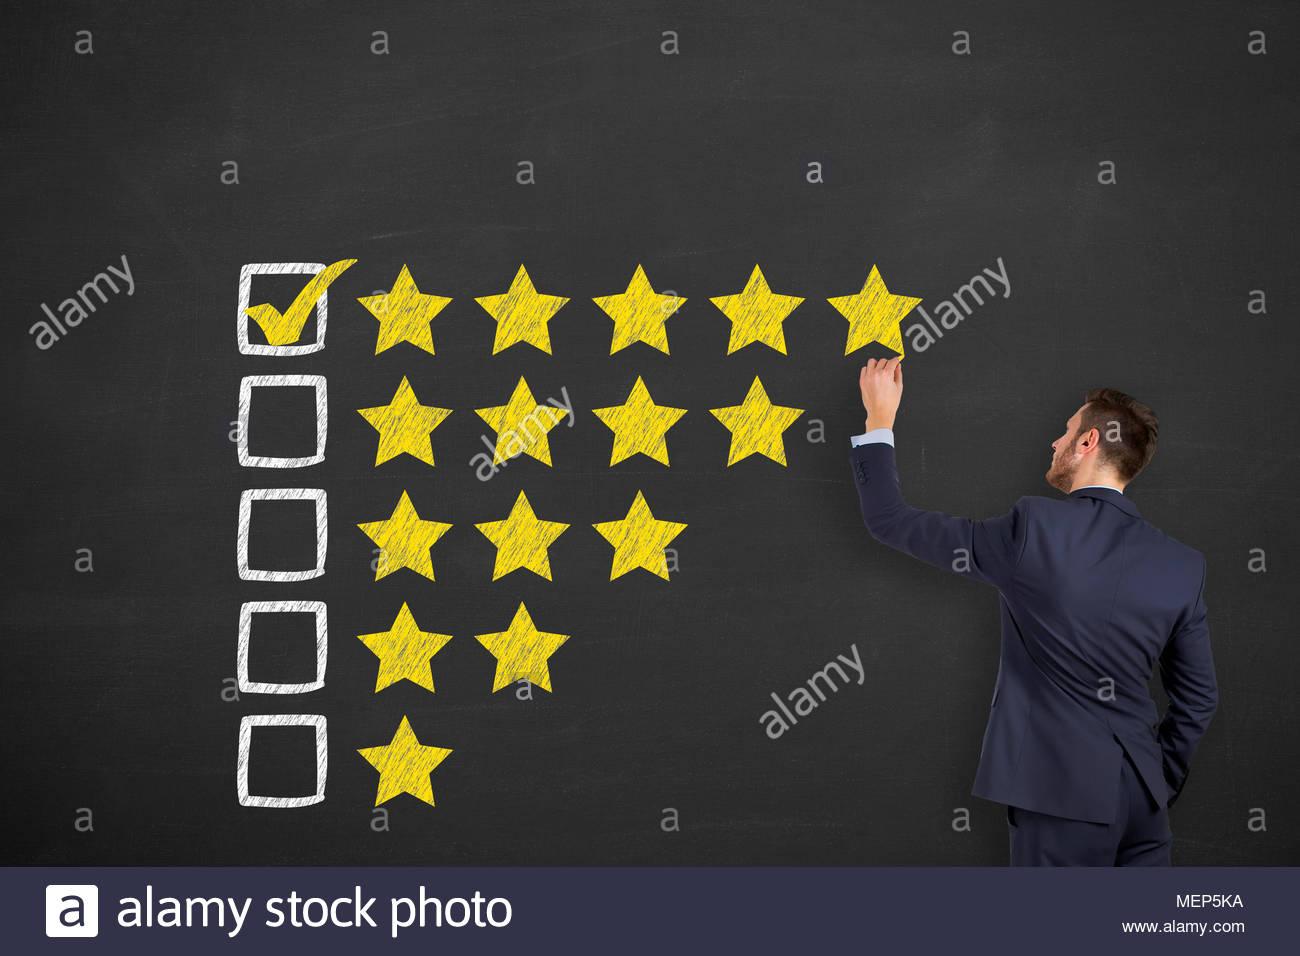 Kundenzufriedenheit Konzepte auf der Tafel im Hintergrund Stockbild